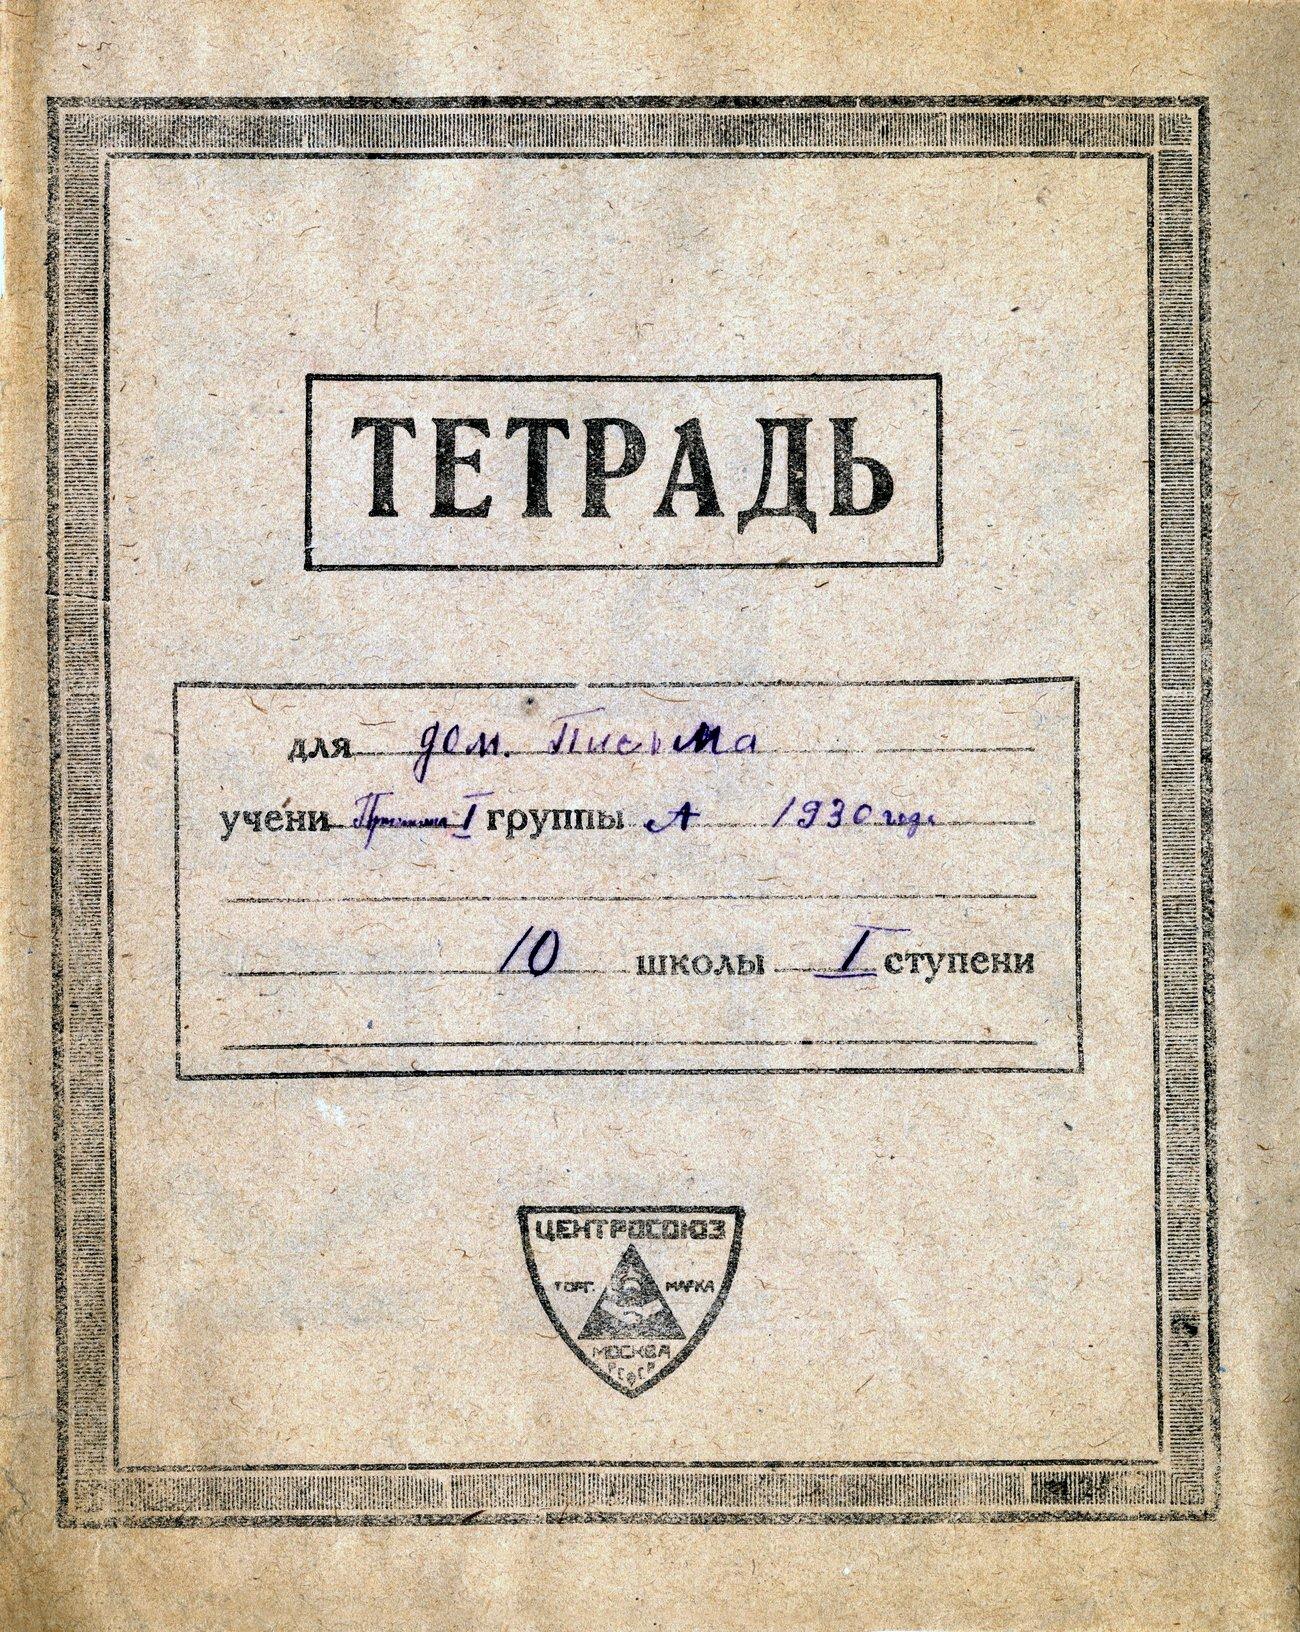 Тетрадь Центросоюз, 1929, 175х215